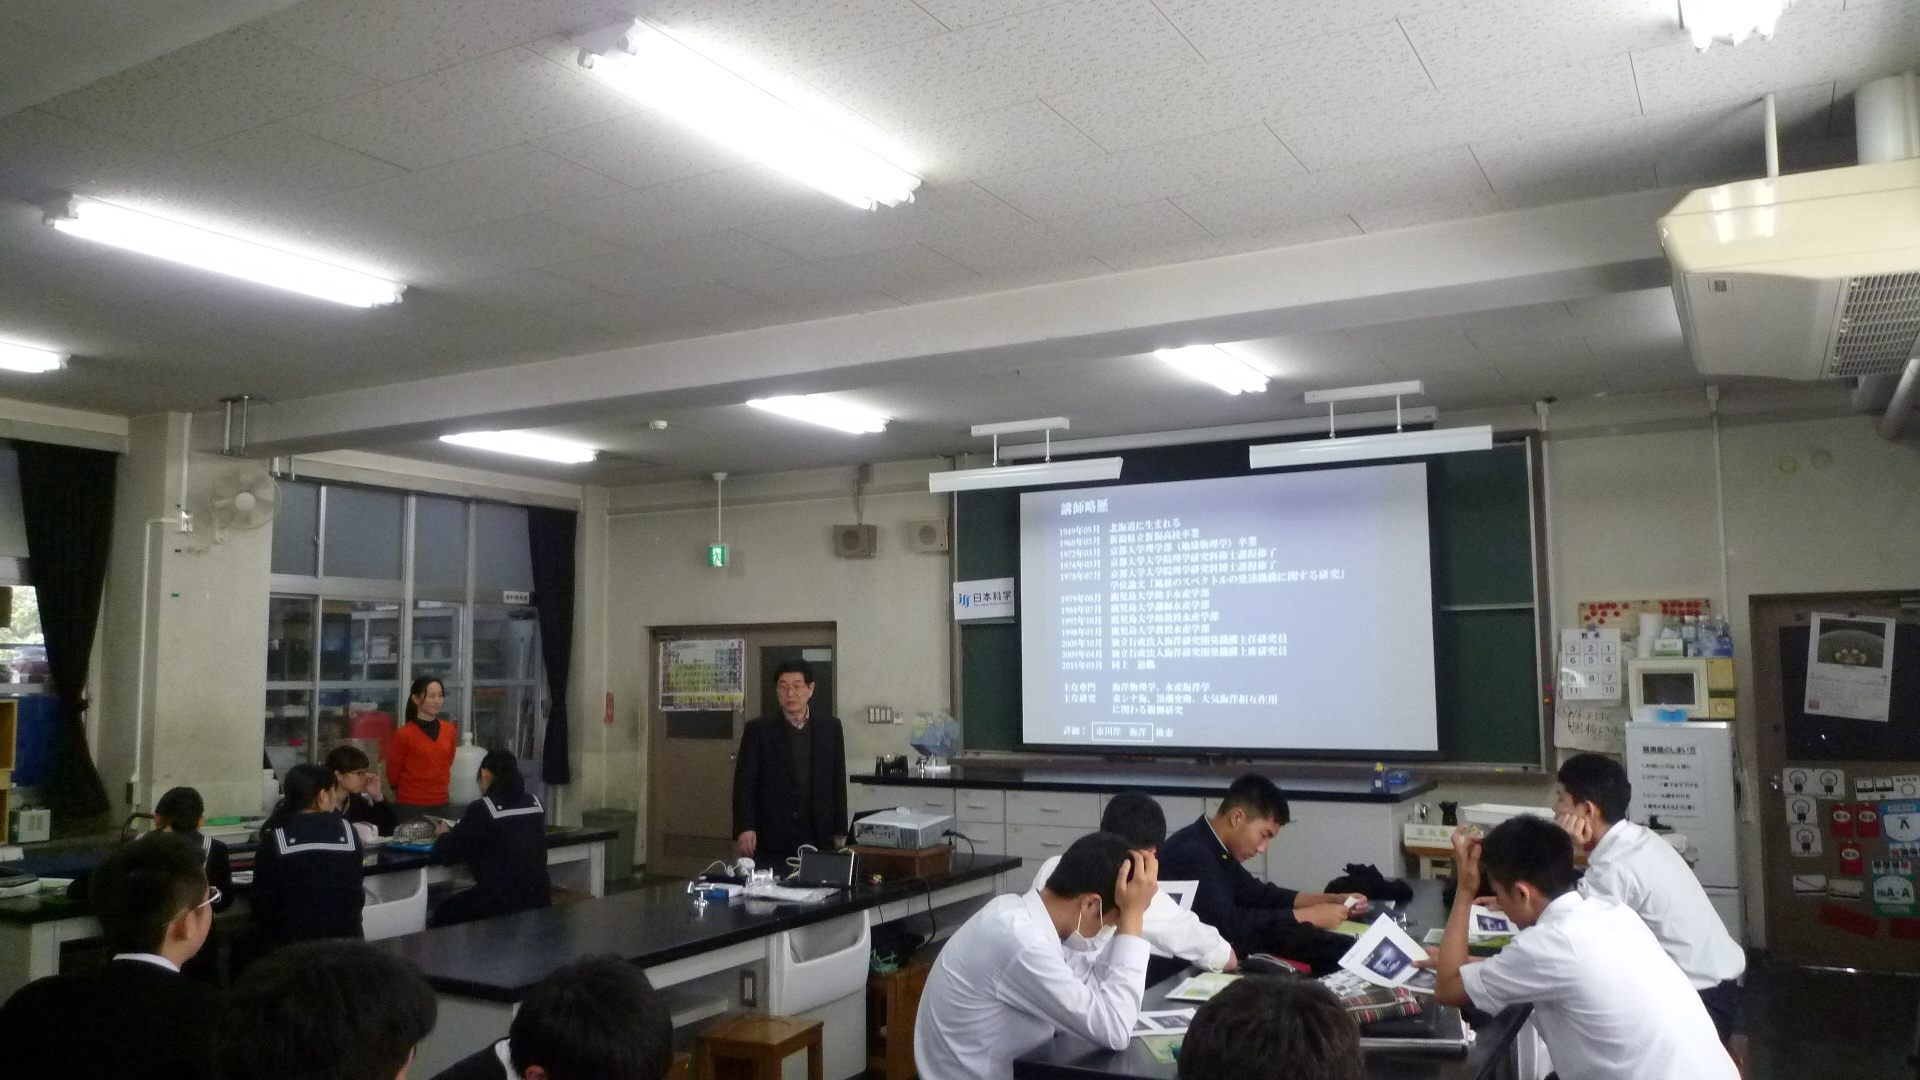 大学 附属 中学校 筑波